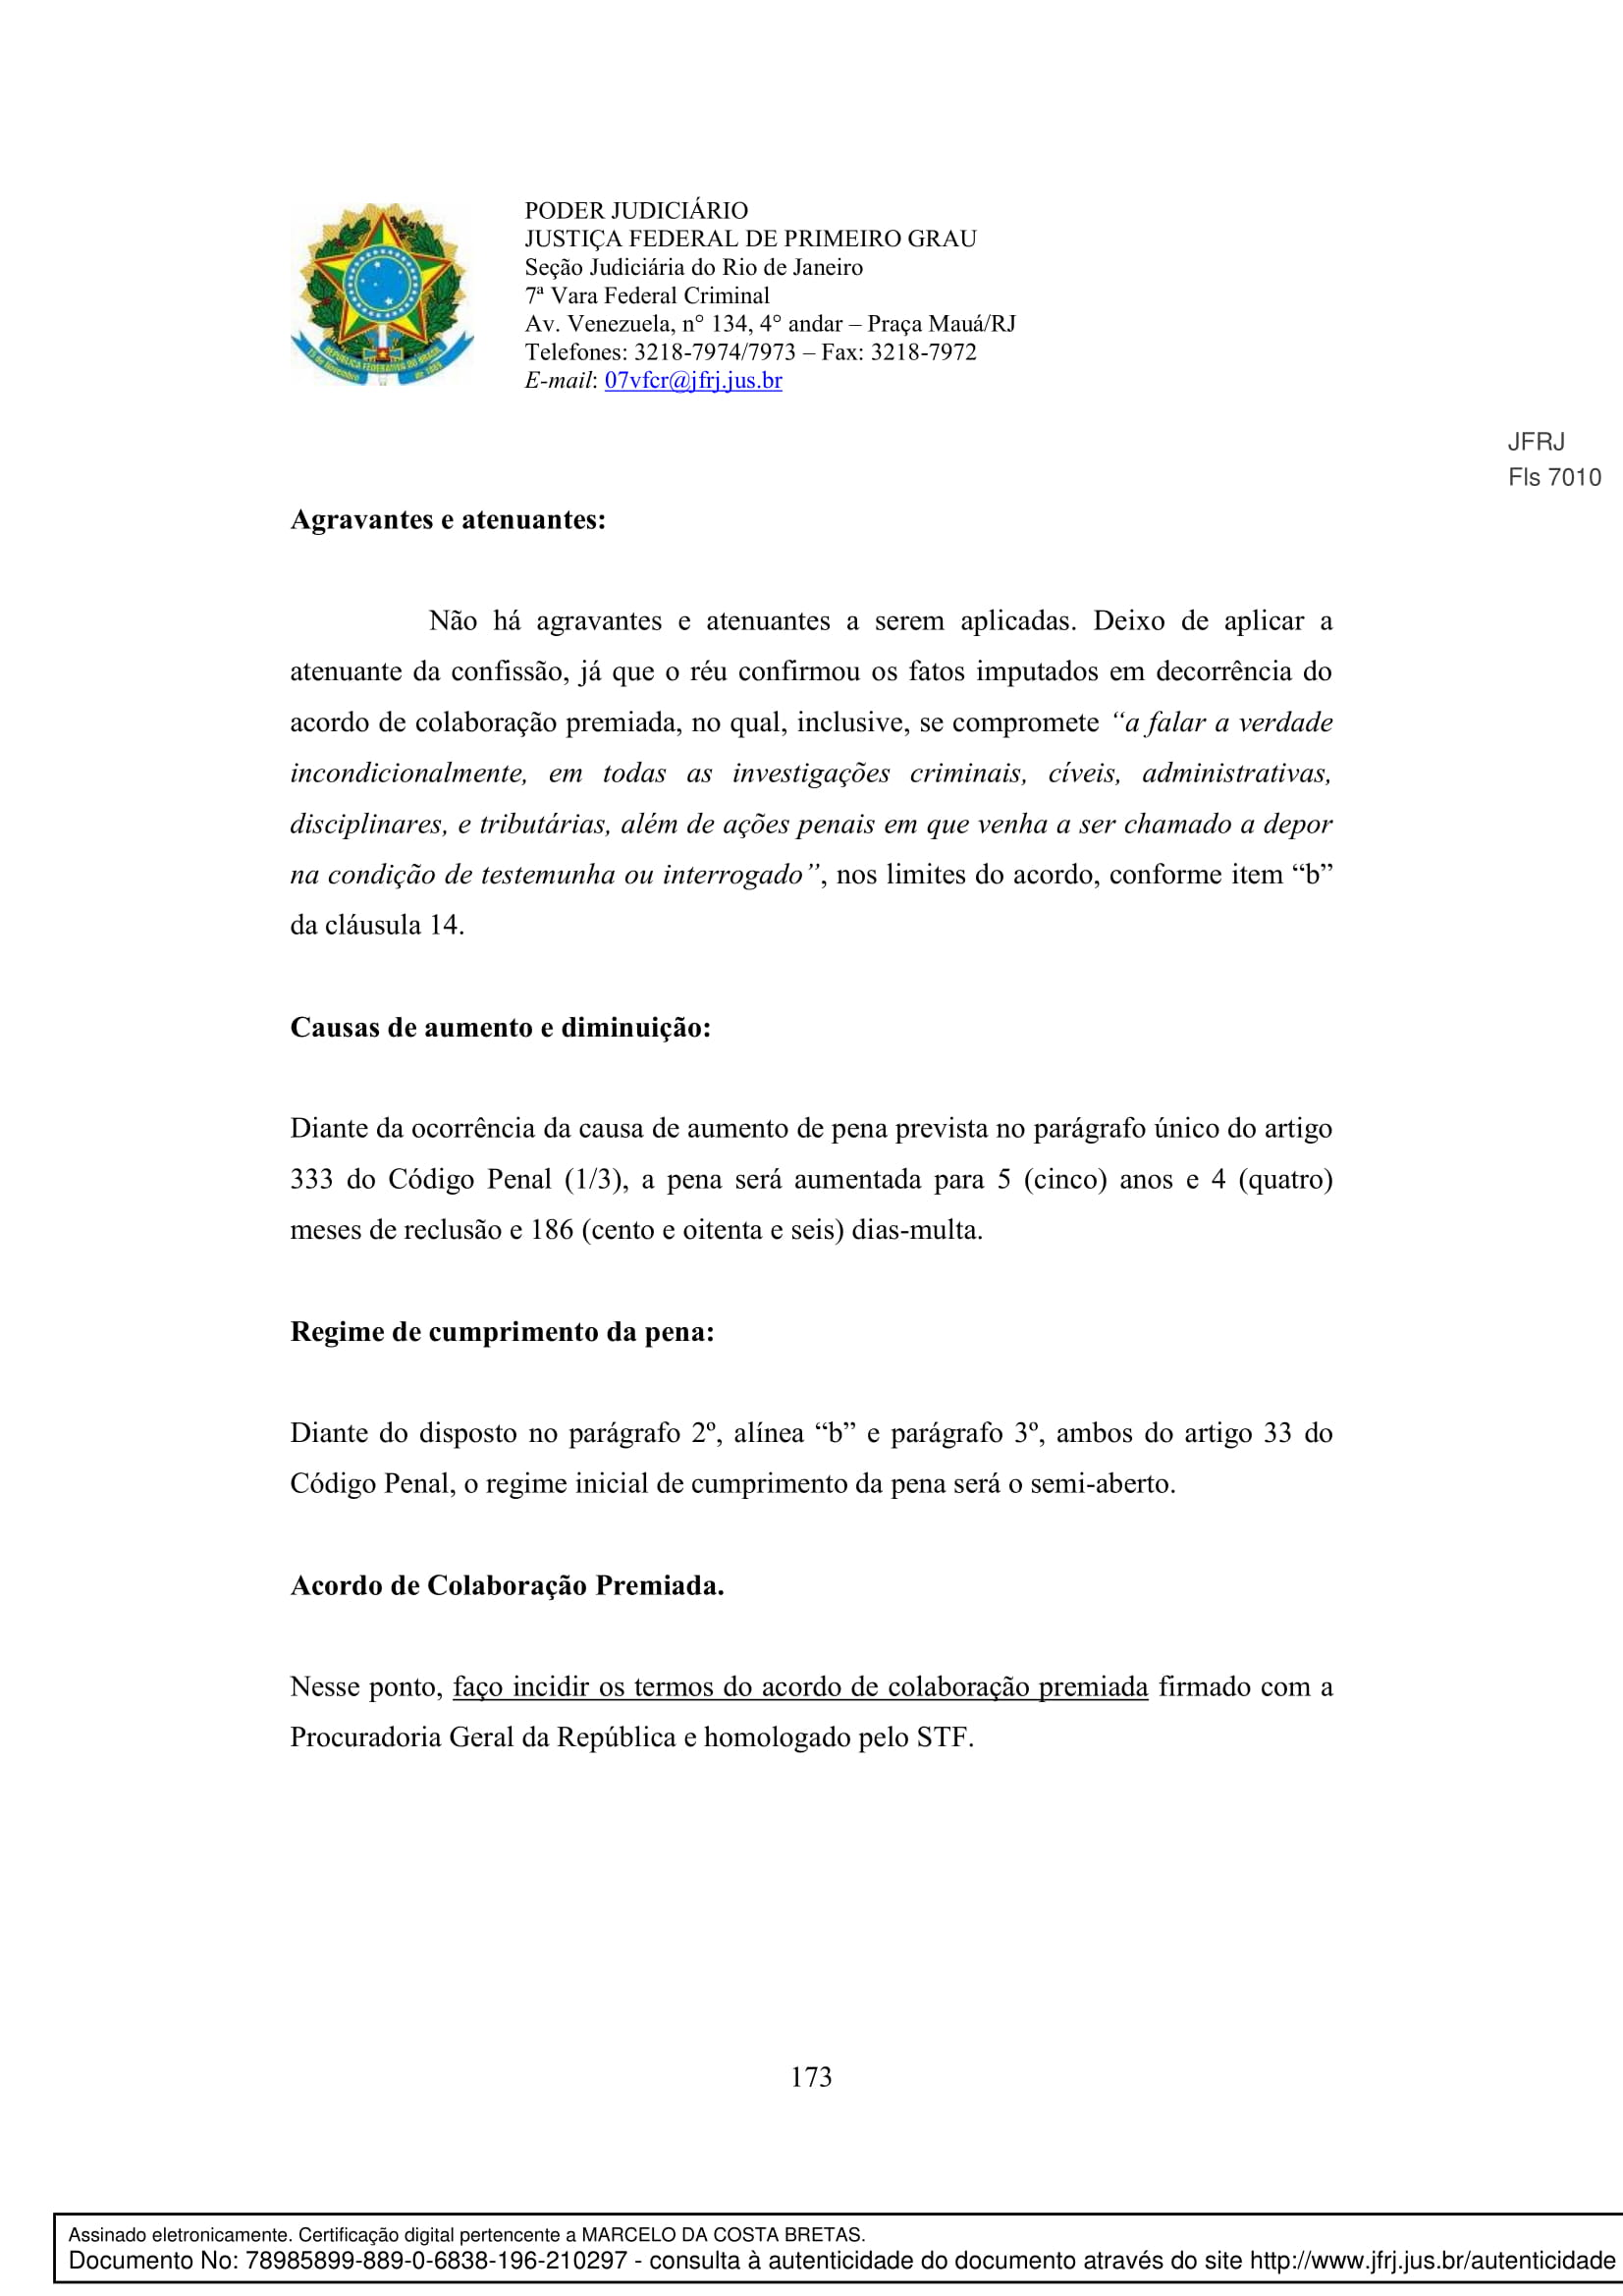 Sentenca-Cadeia-Velha-7VFC-173